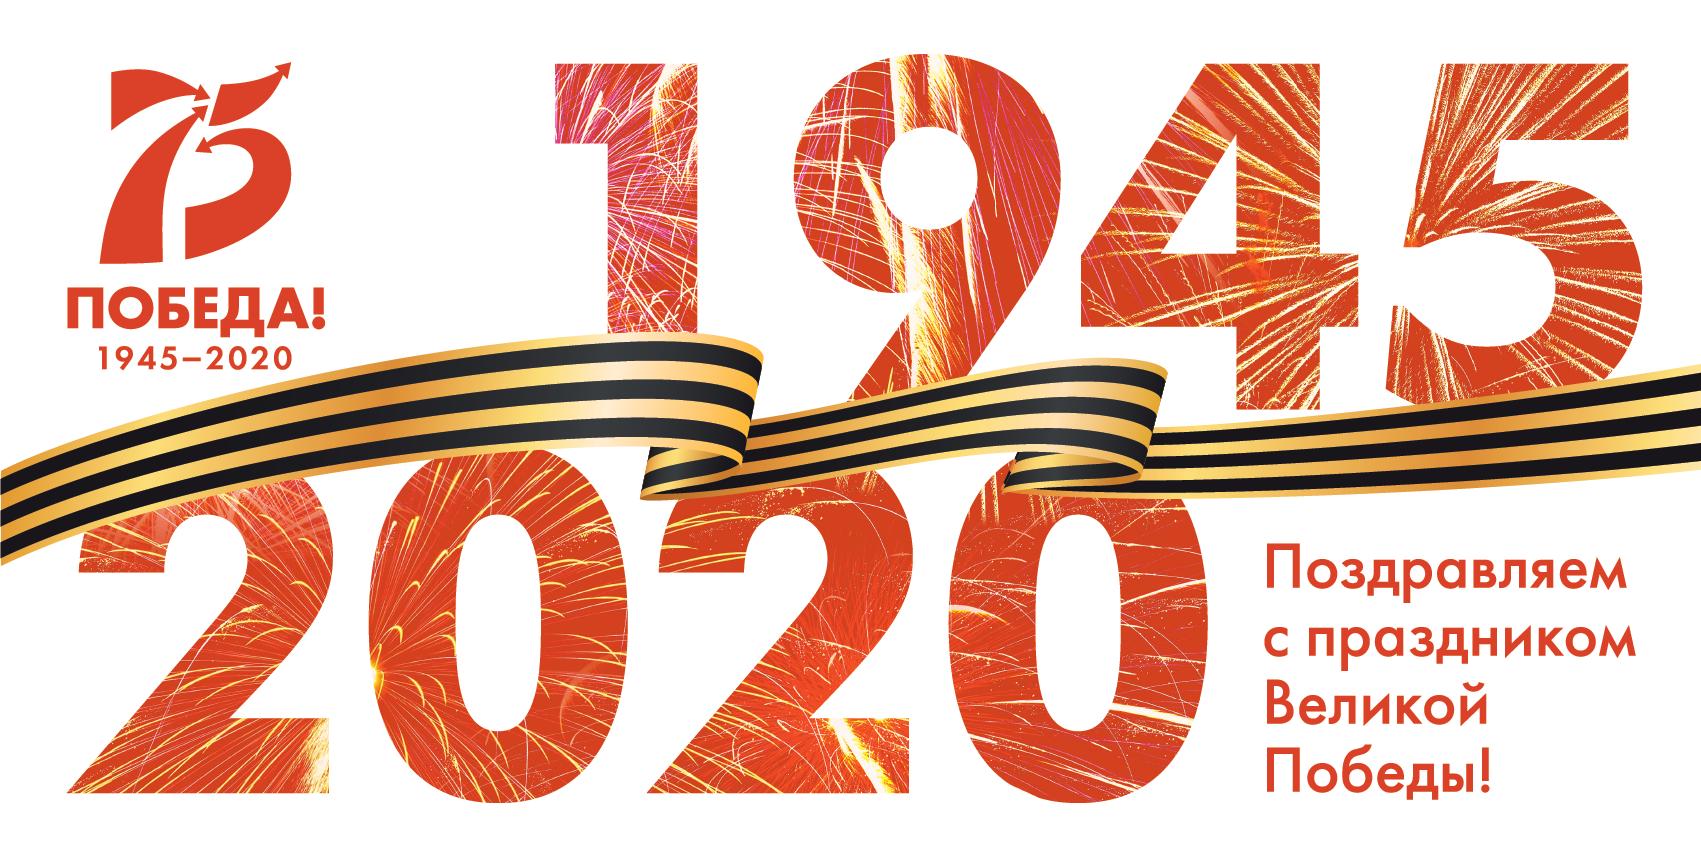 Макеты официальных баннеров, посвященных 75-летию Победы в Великой Отечественной войне 1941-1945 гг. и Году Памяти и Славы